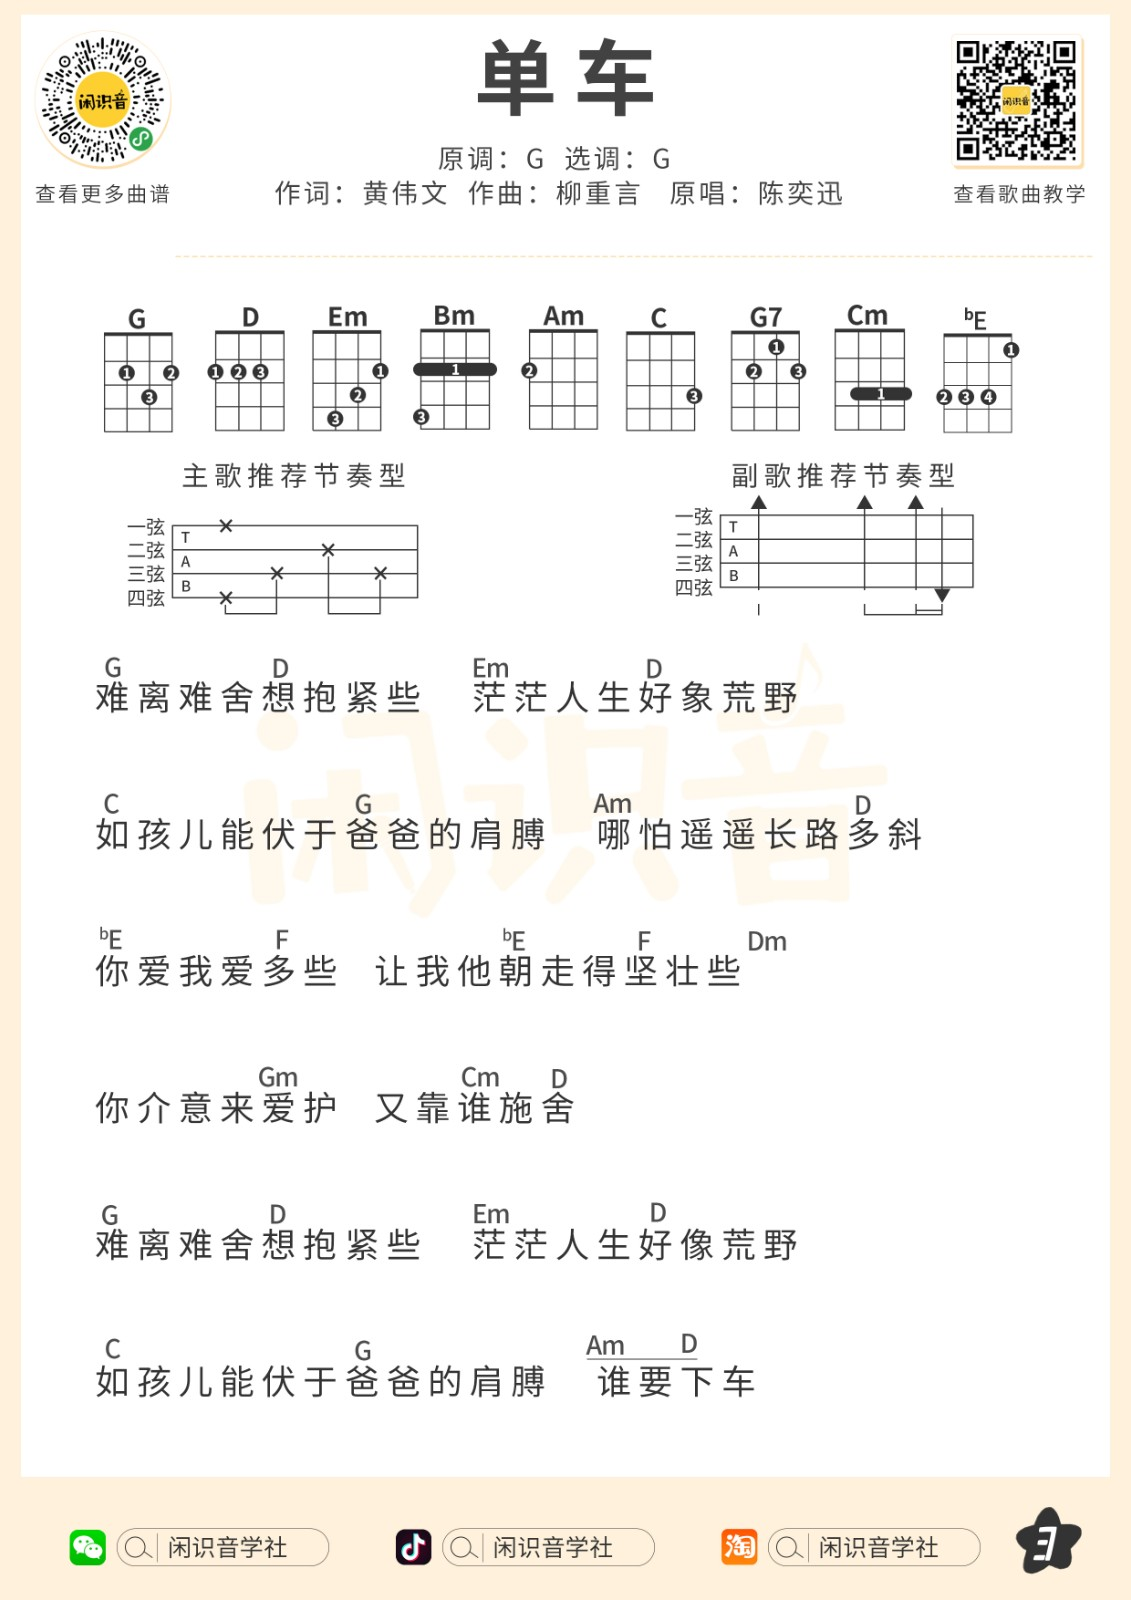 《单车》尤克里里曲谱-C大调音乐网